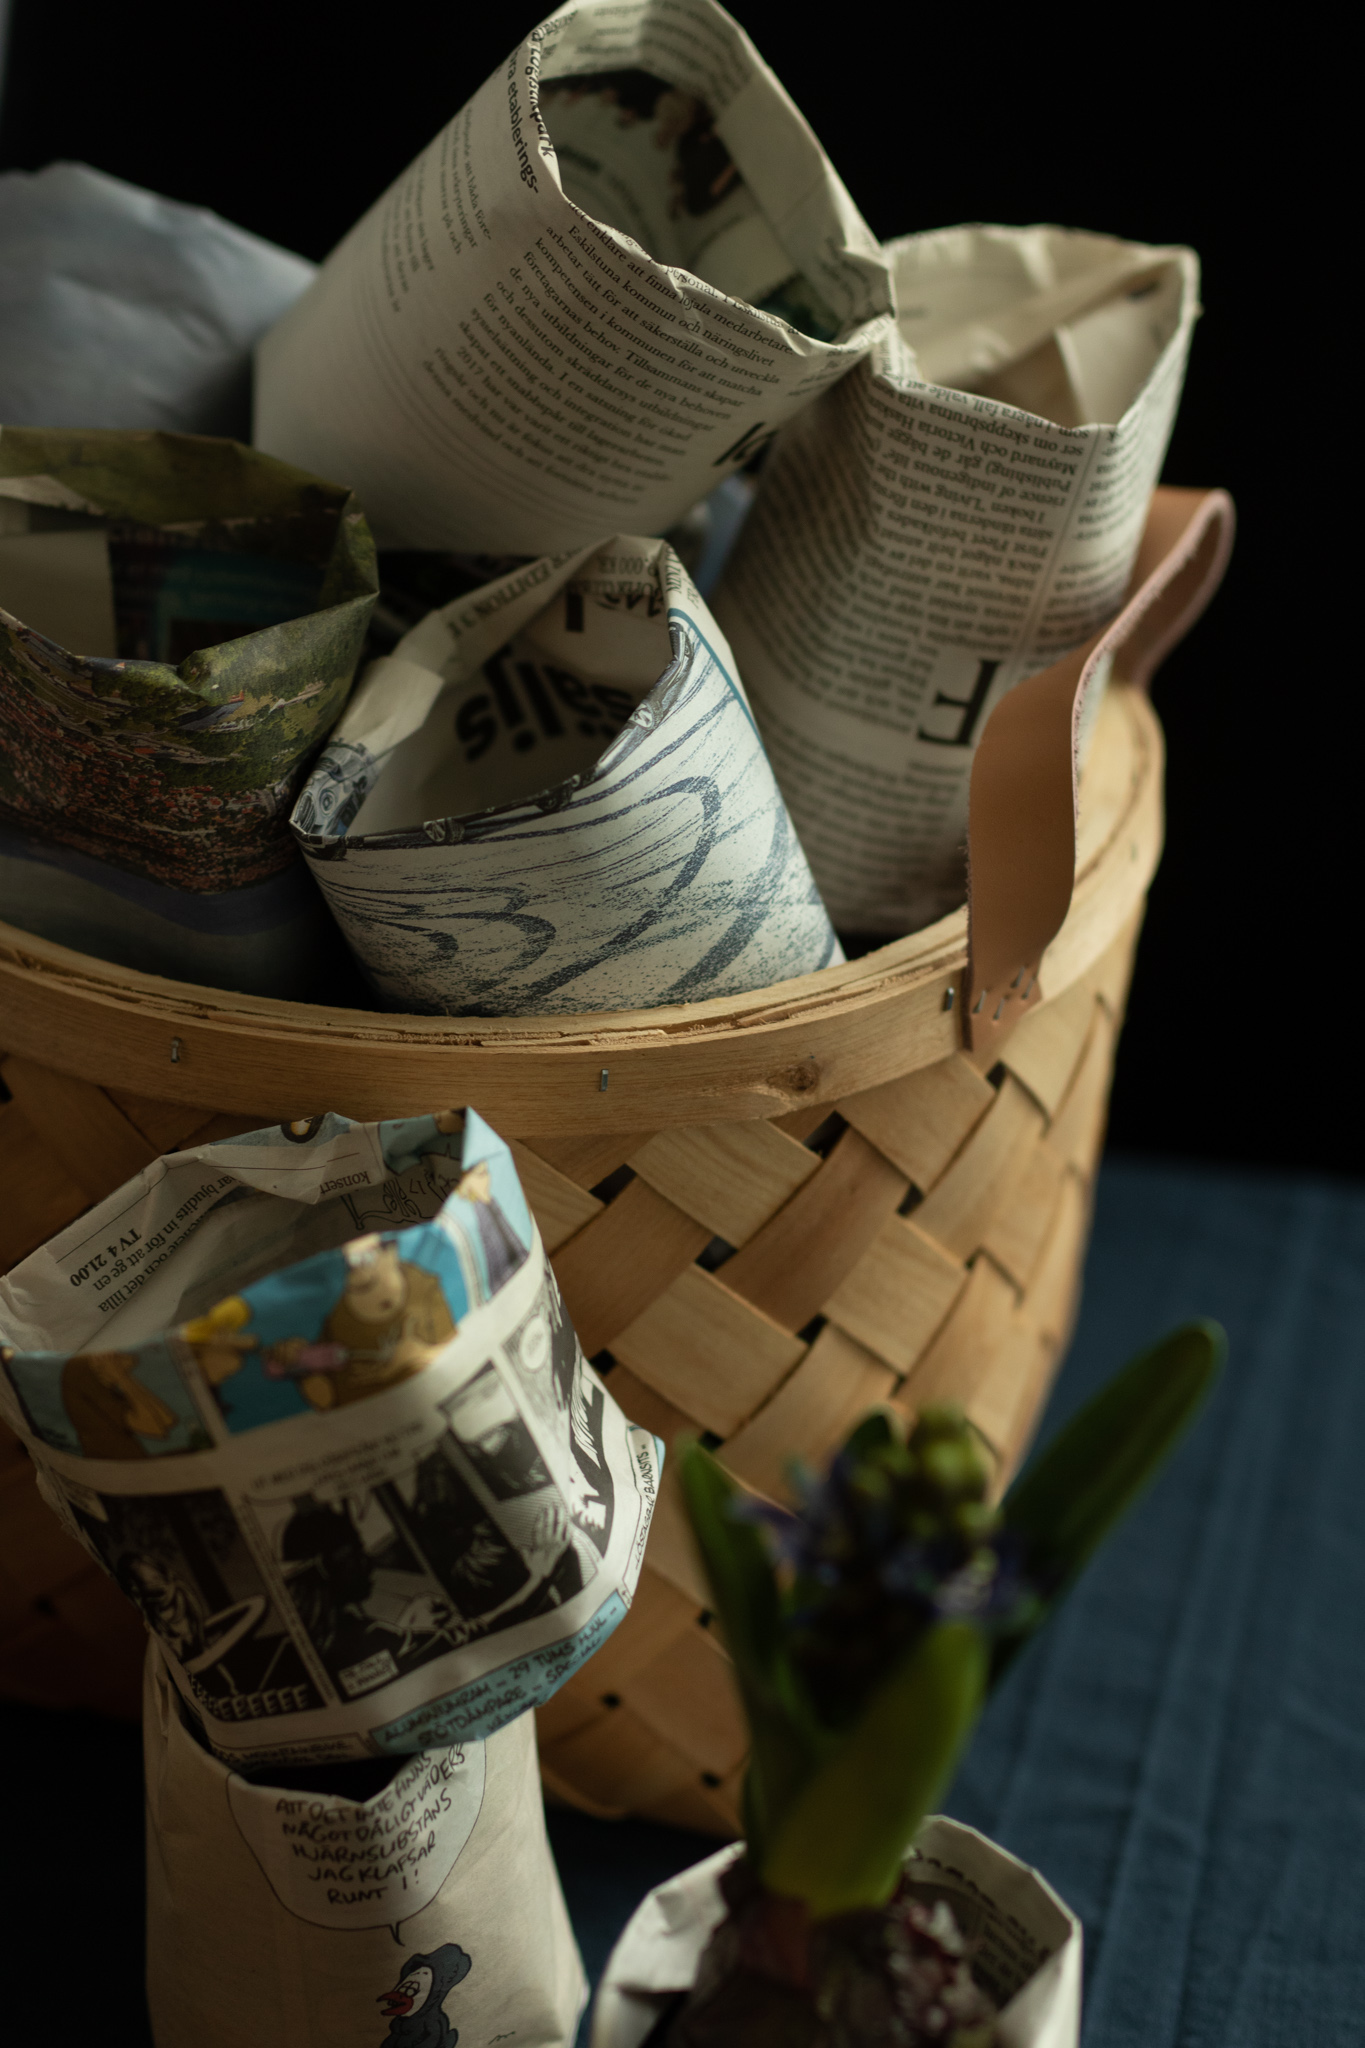 Hemmagjorda krukor av tidningspapper. Används till odling